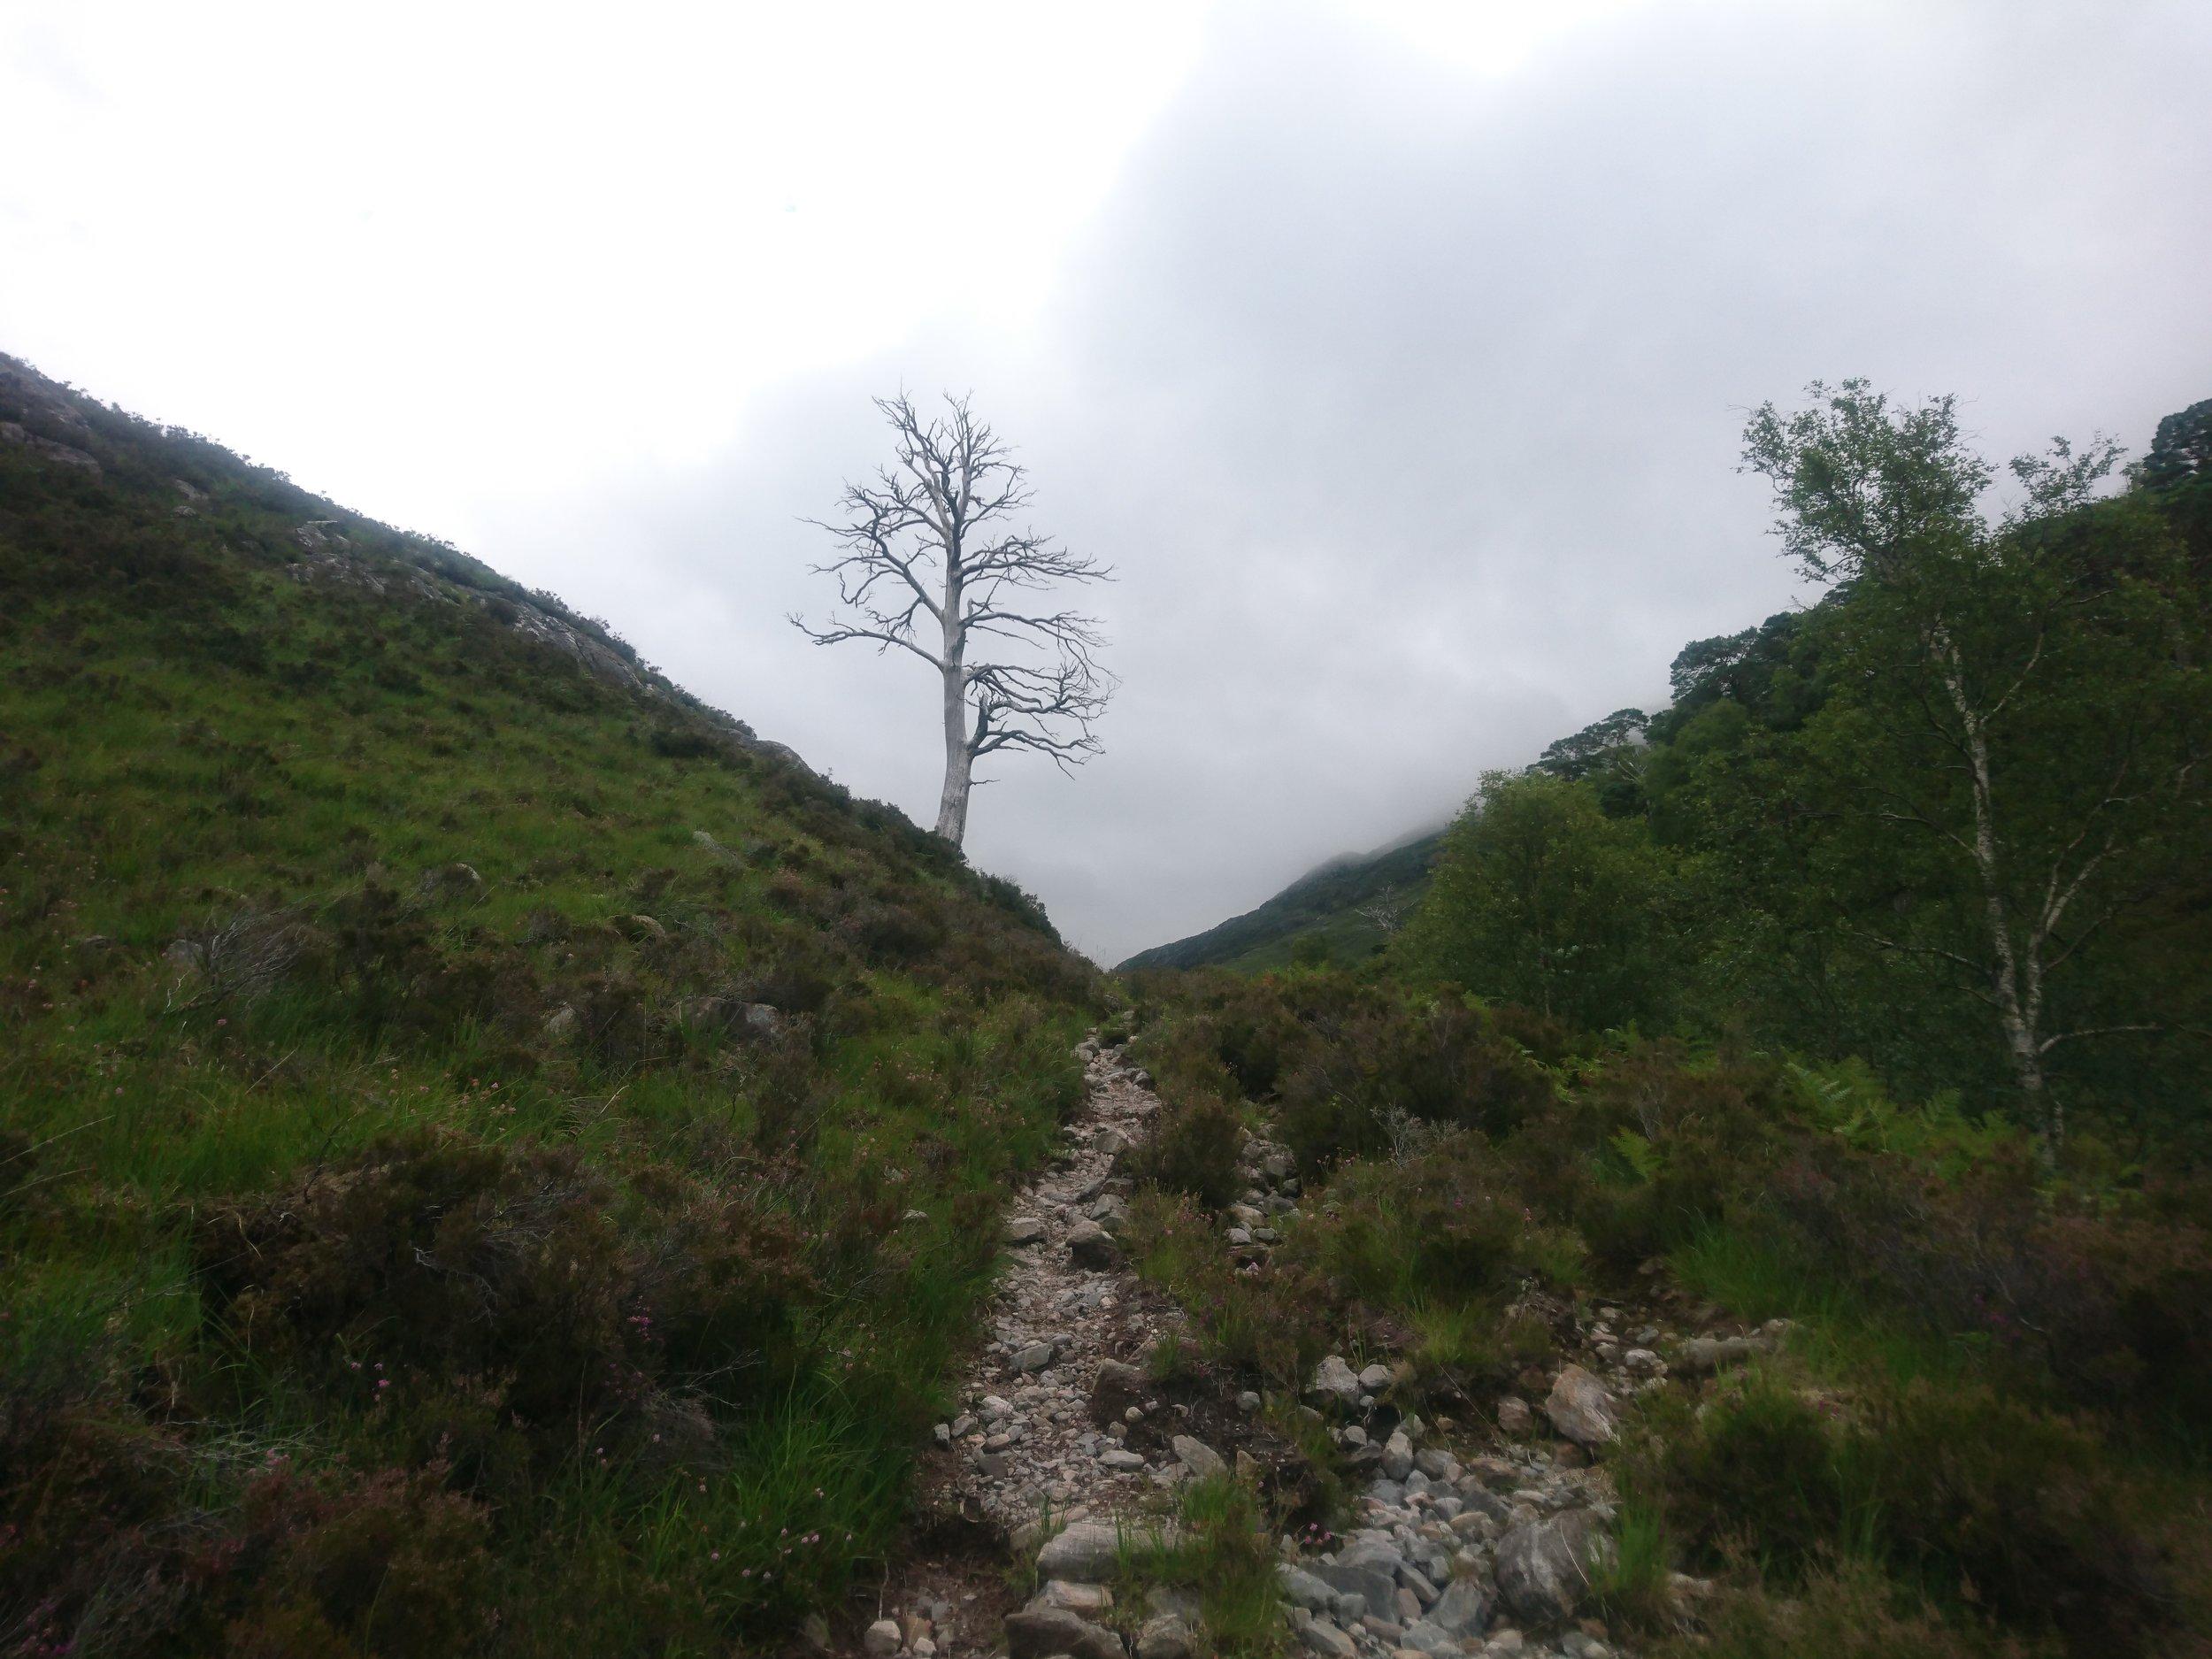 Dead Tree by Path